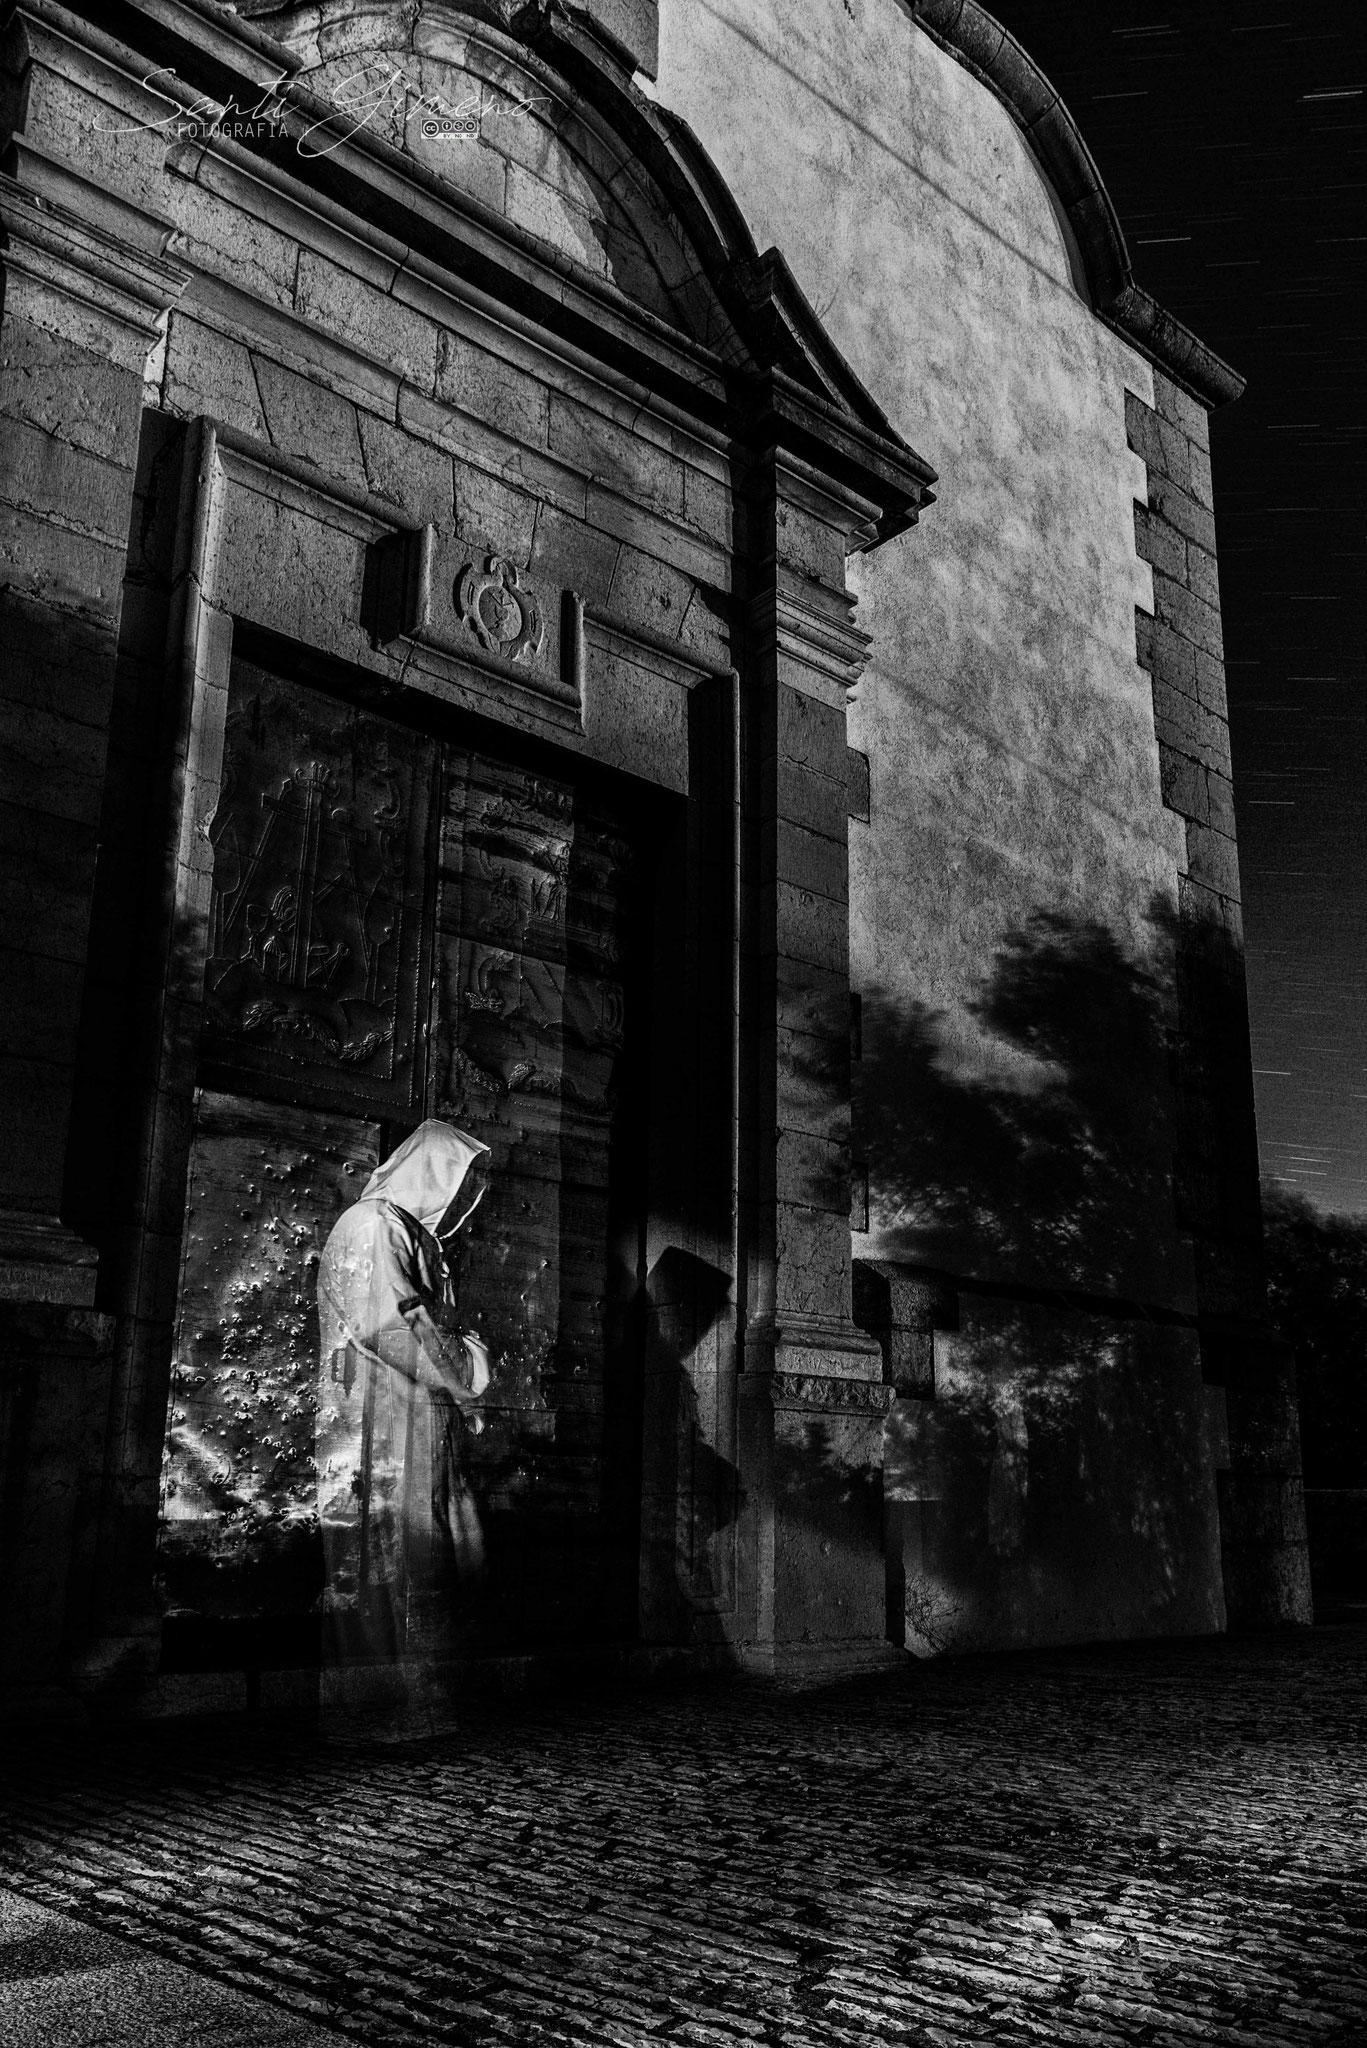 El fantasma de l' ermita (febrer 2019)